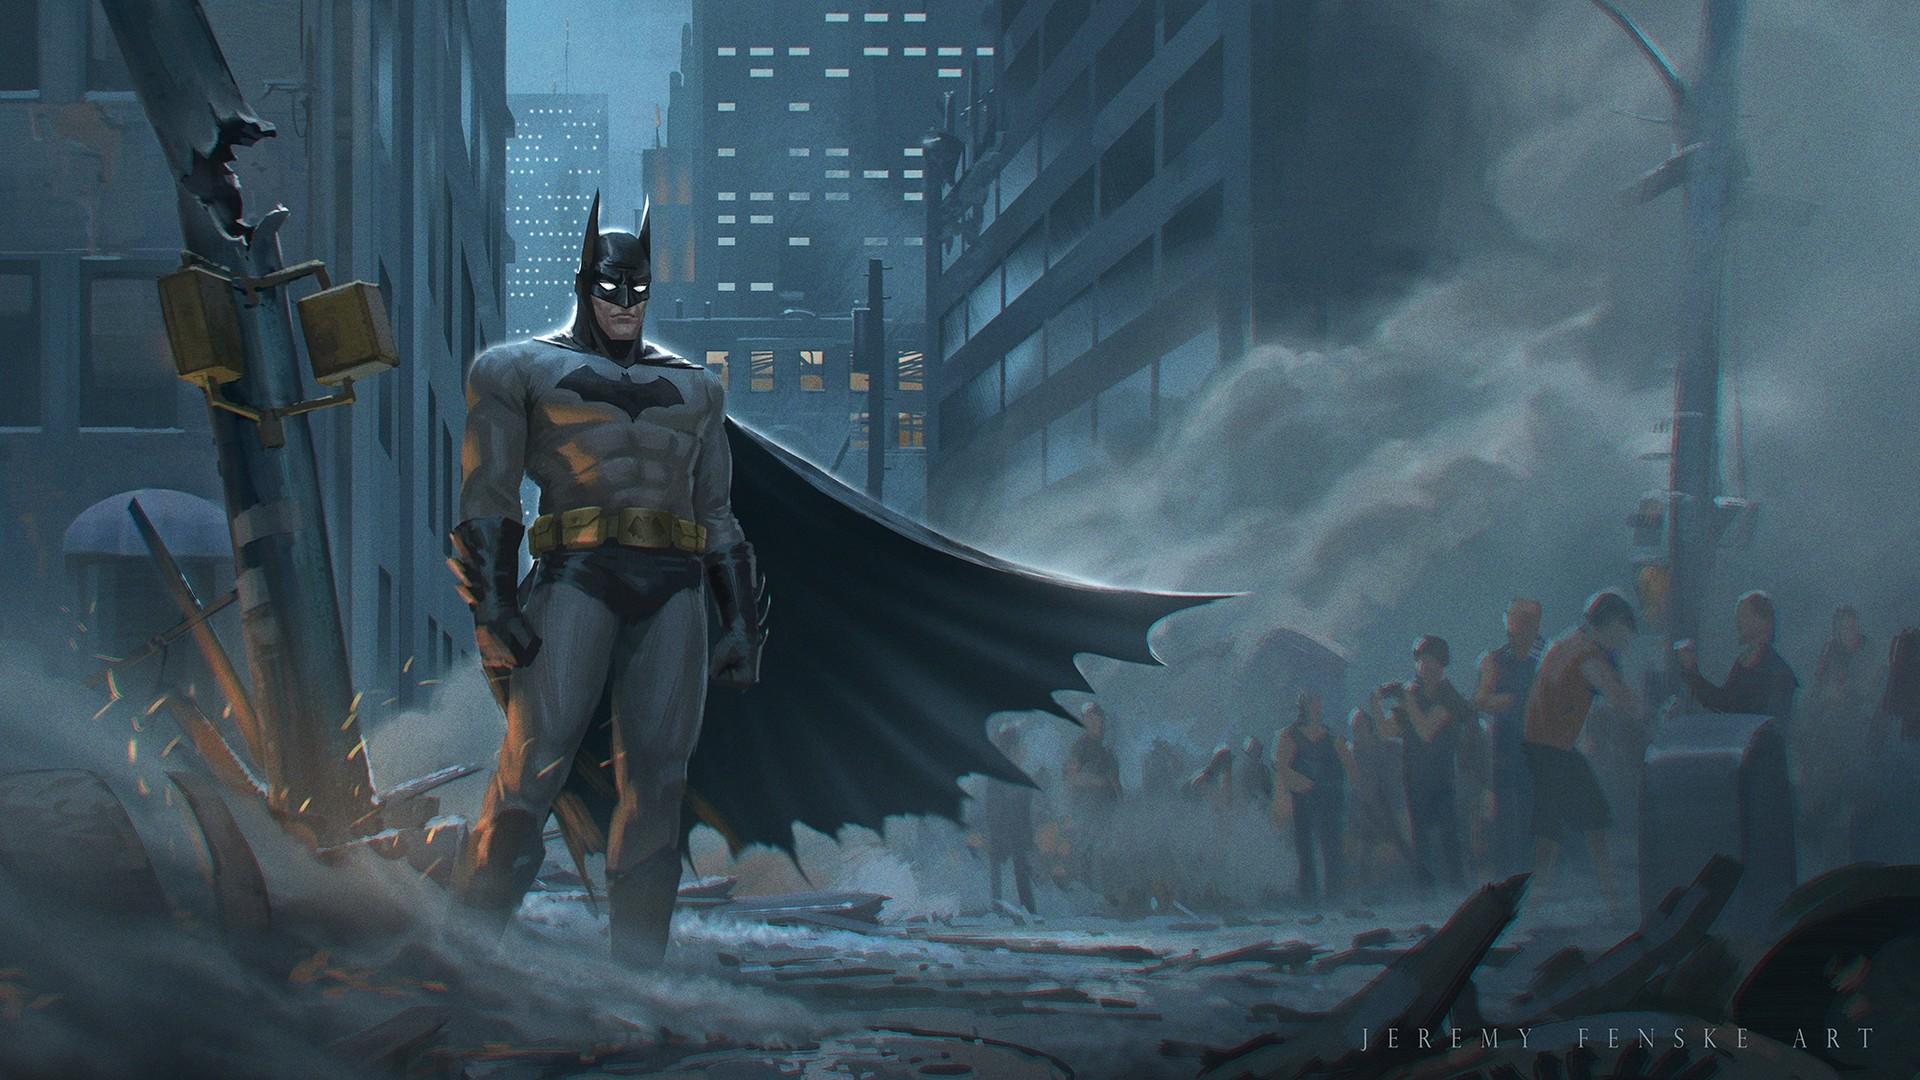 Batman Art Wallpaper theme